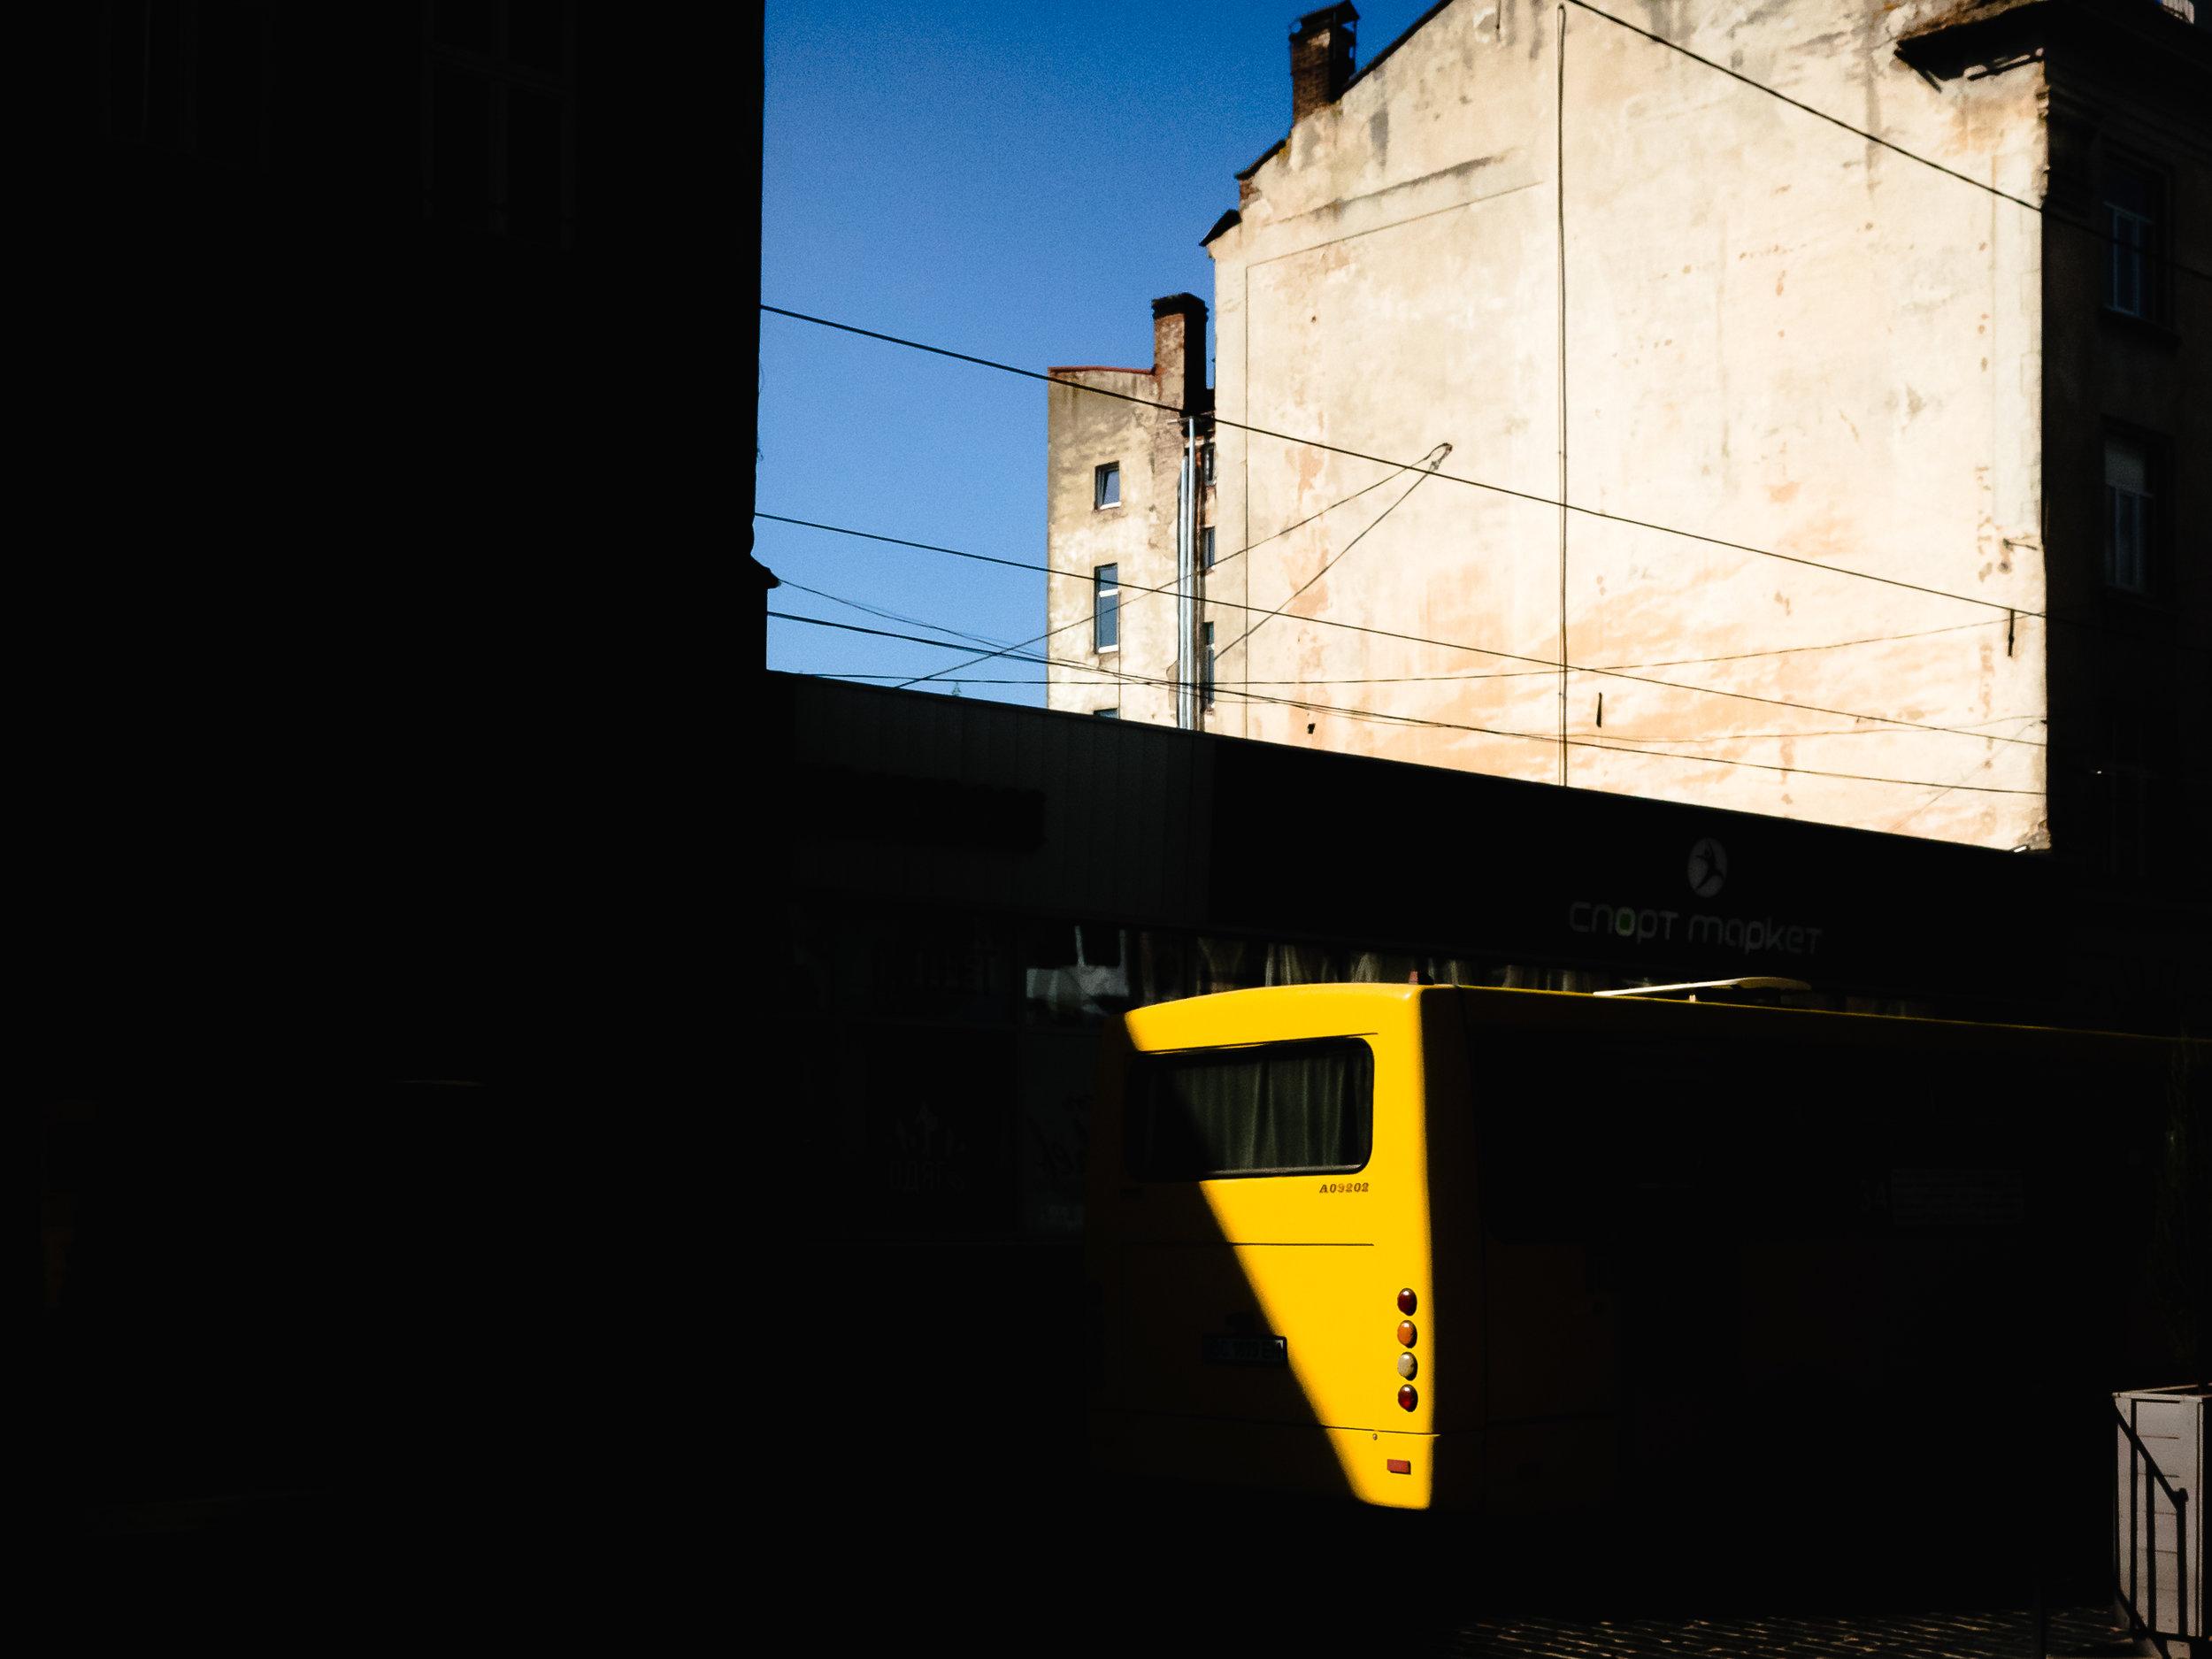 Λεωφορείο στη σκιά